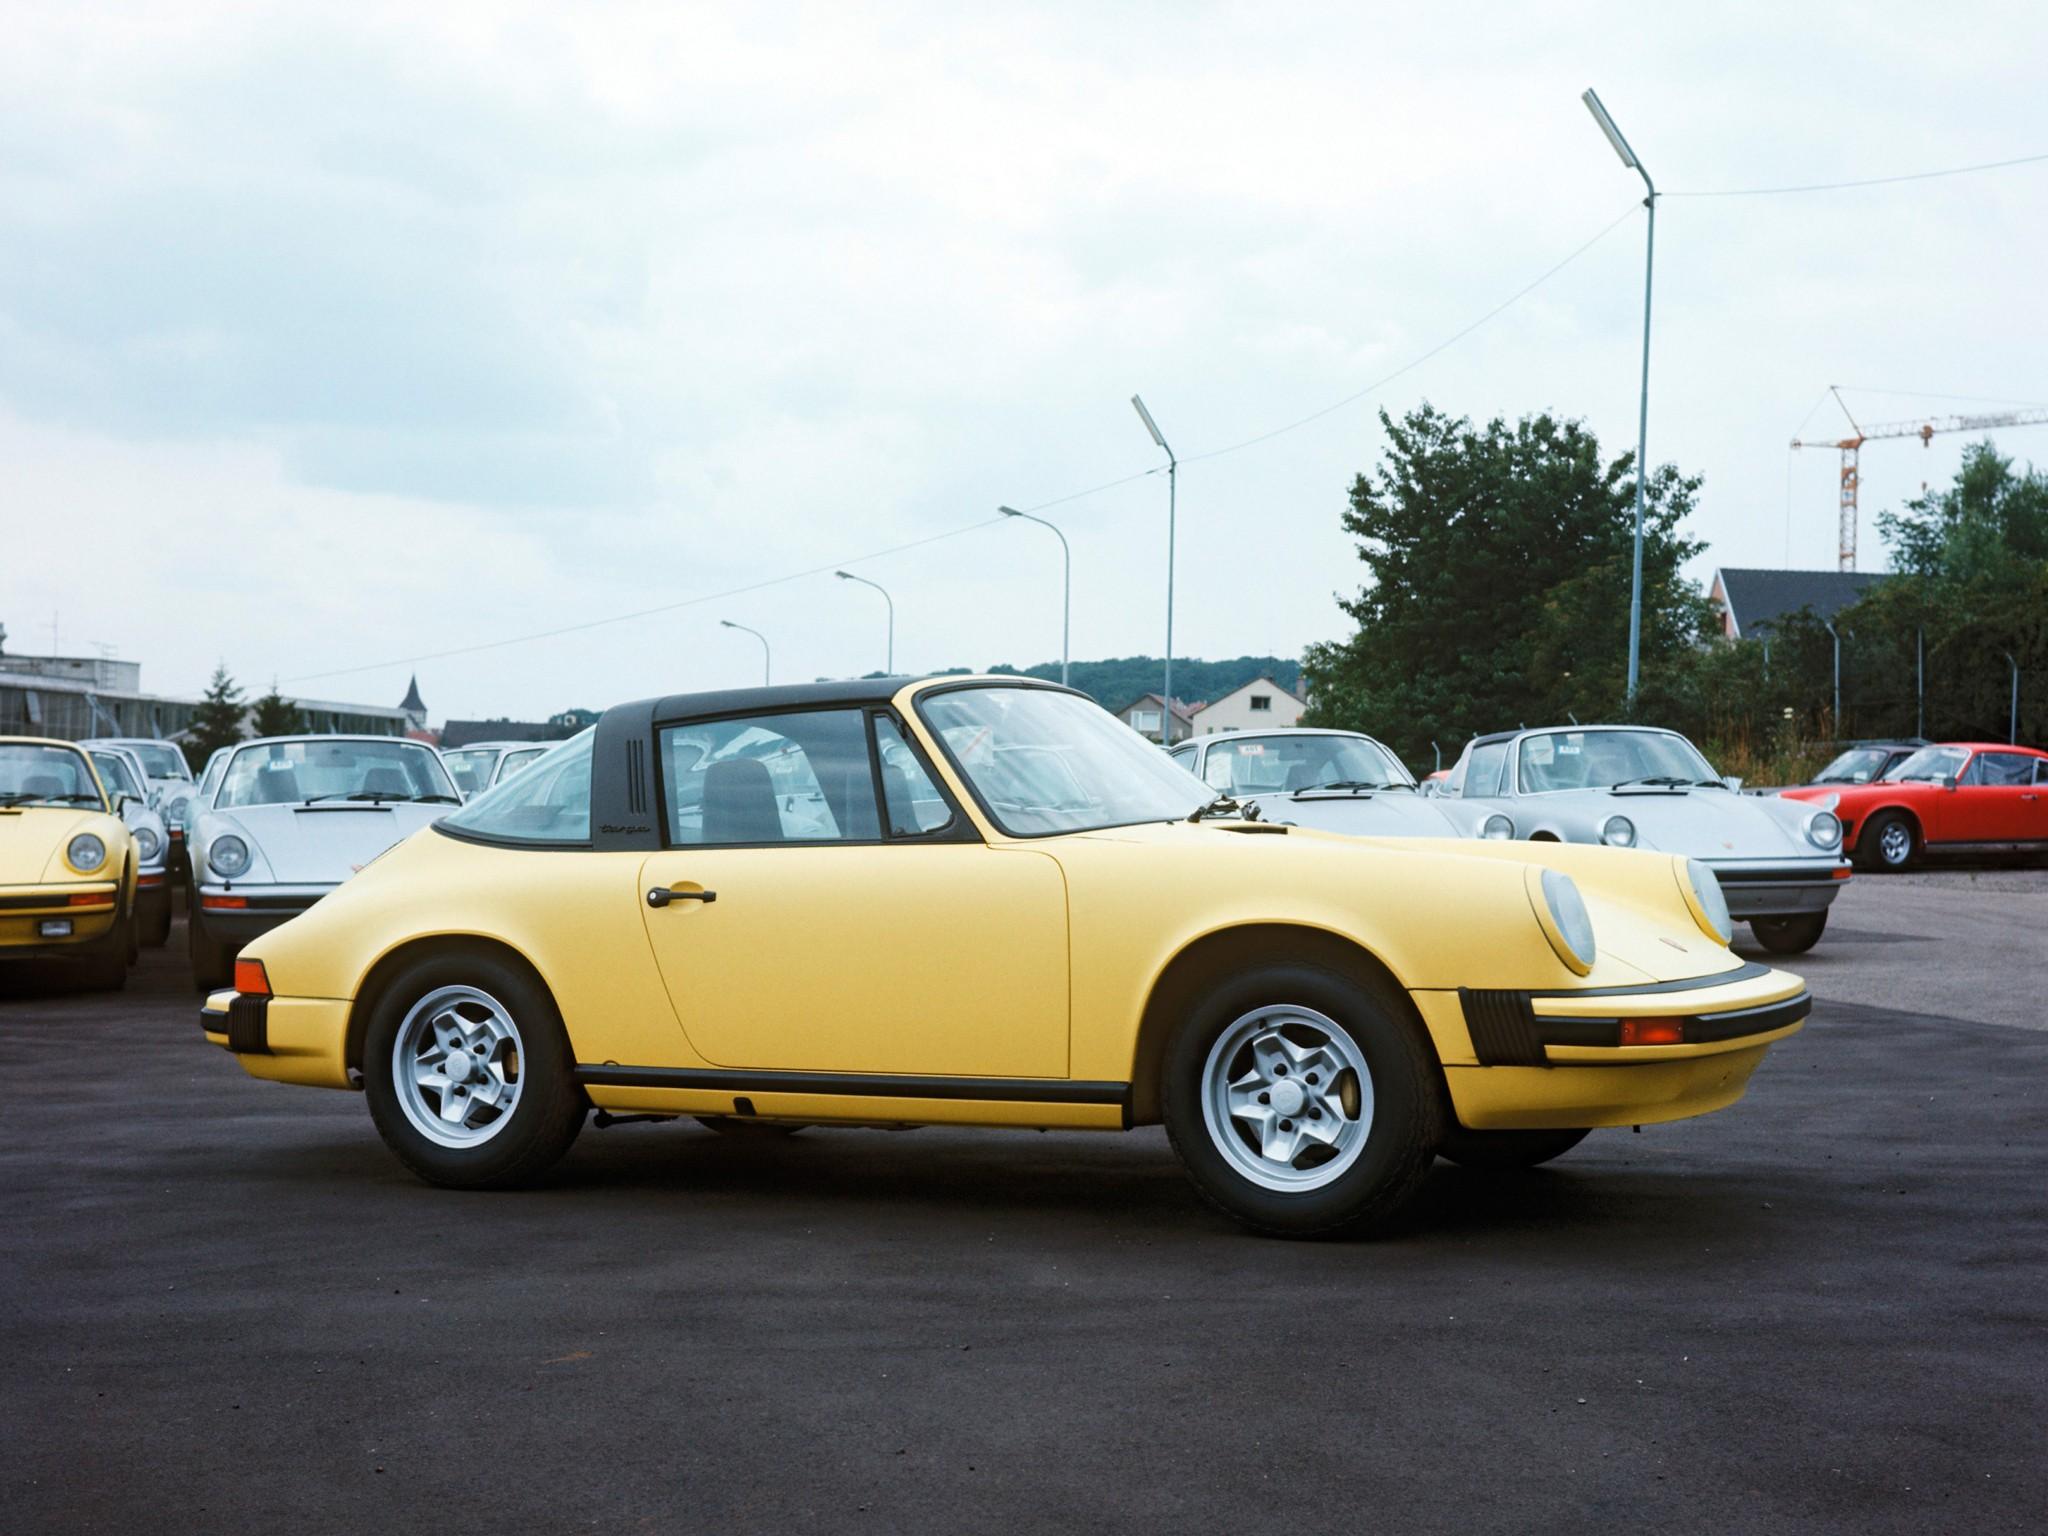 Porsche 911 II (911, 930) 1973 - 1989 Coupe #1